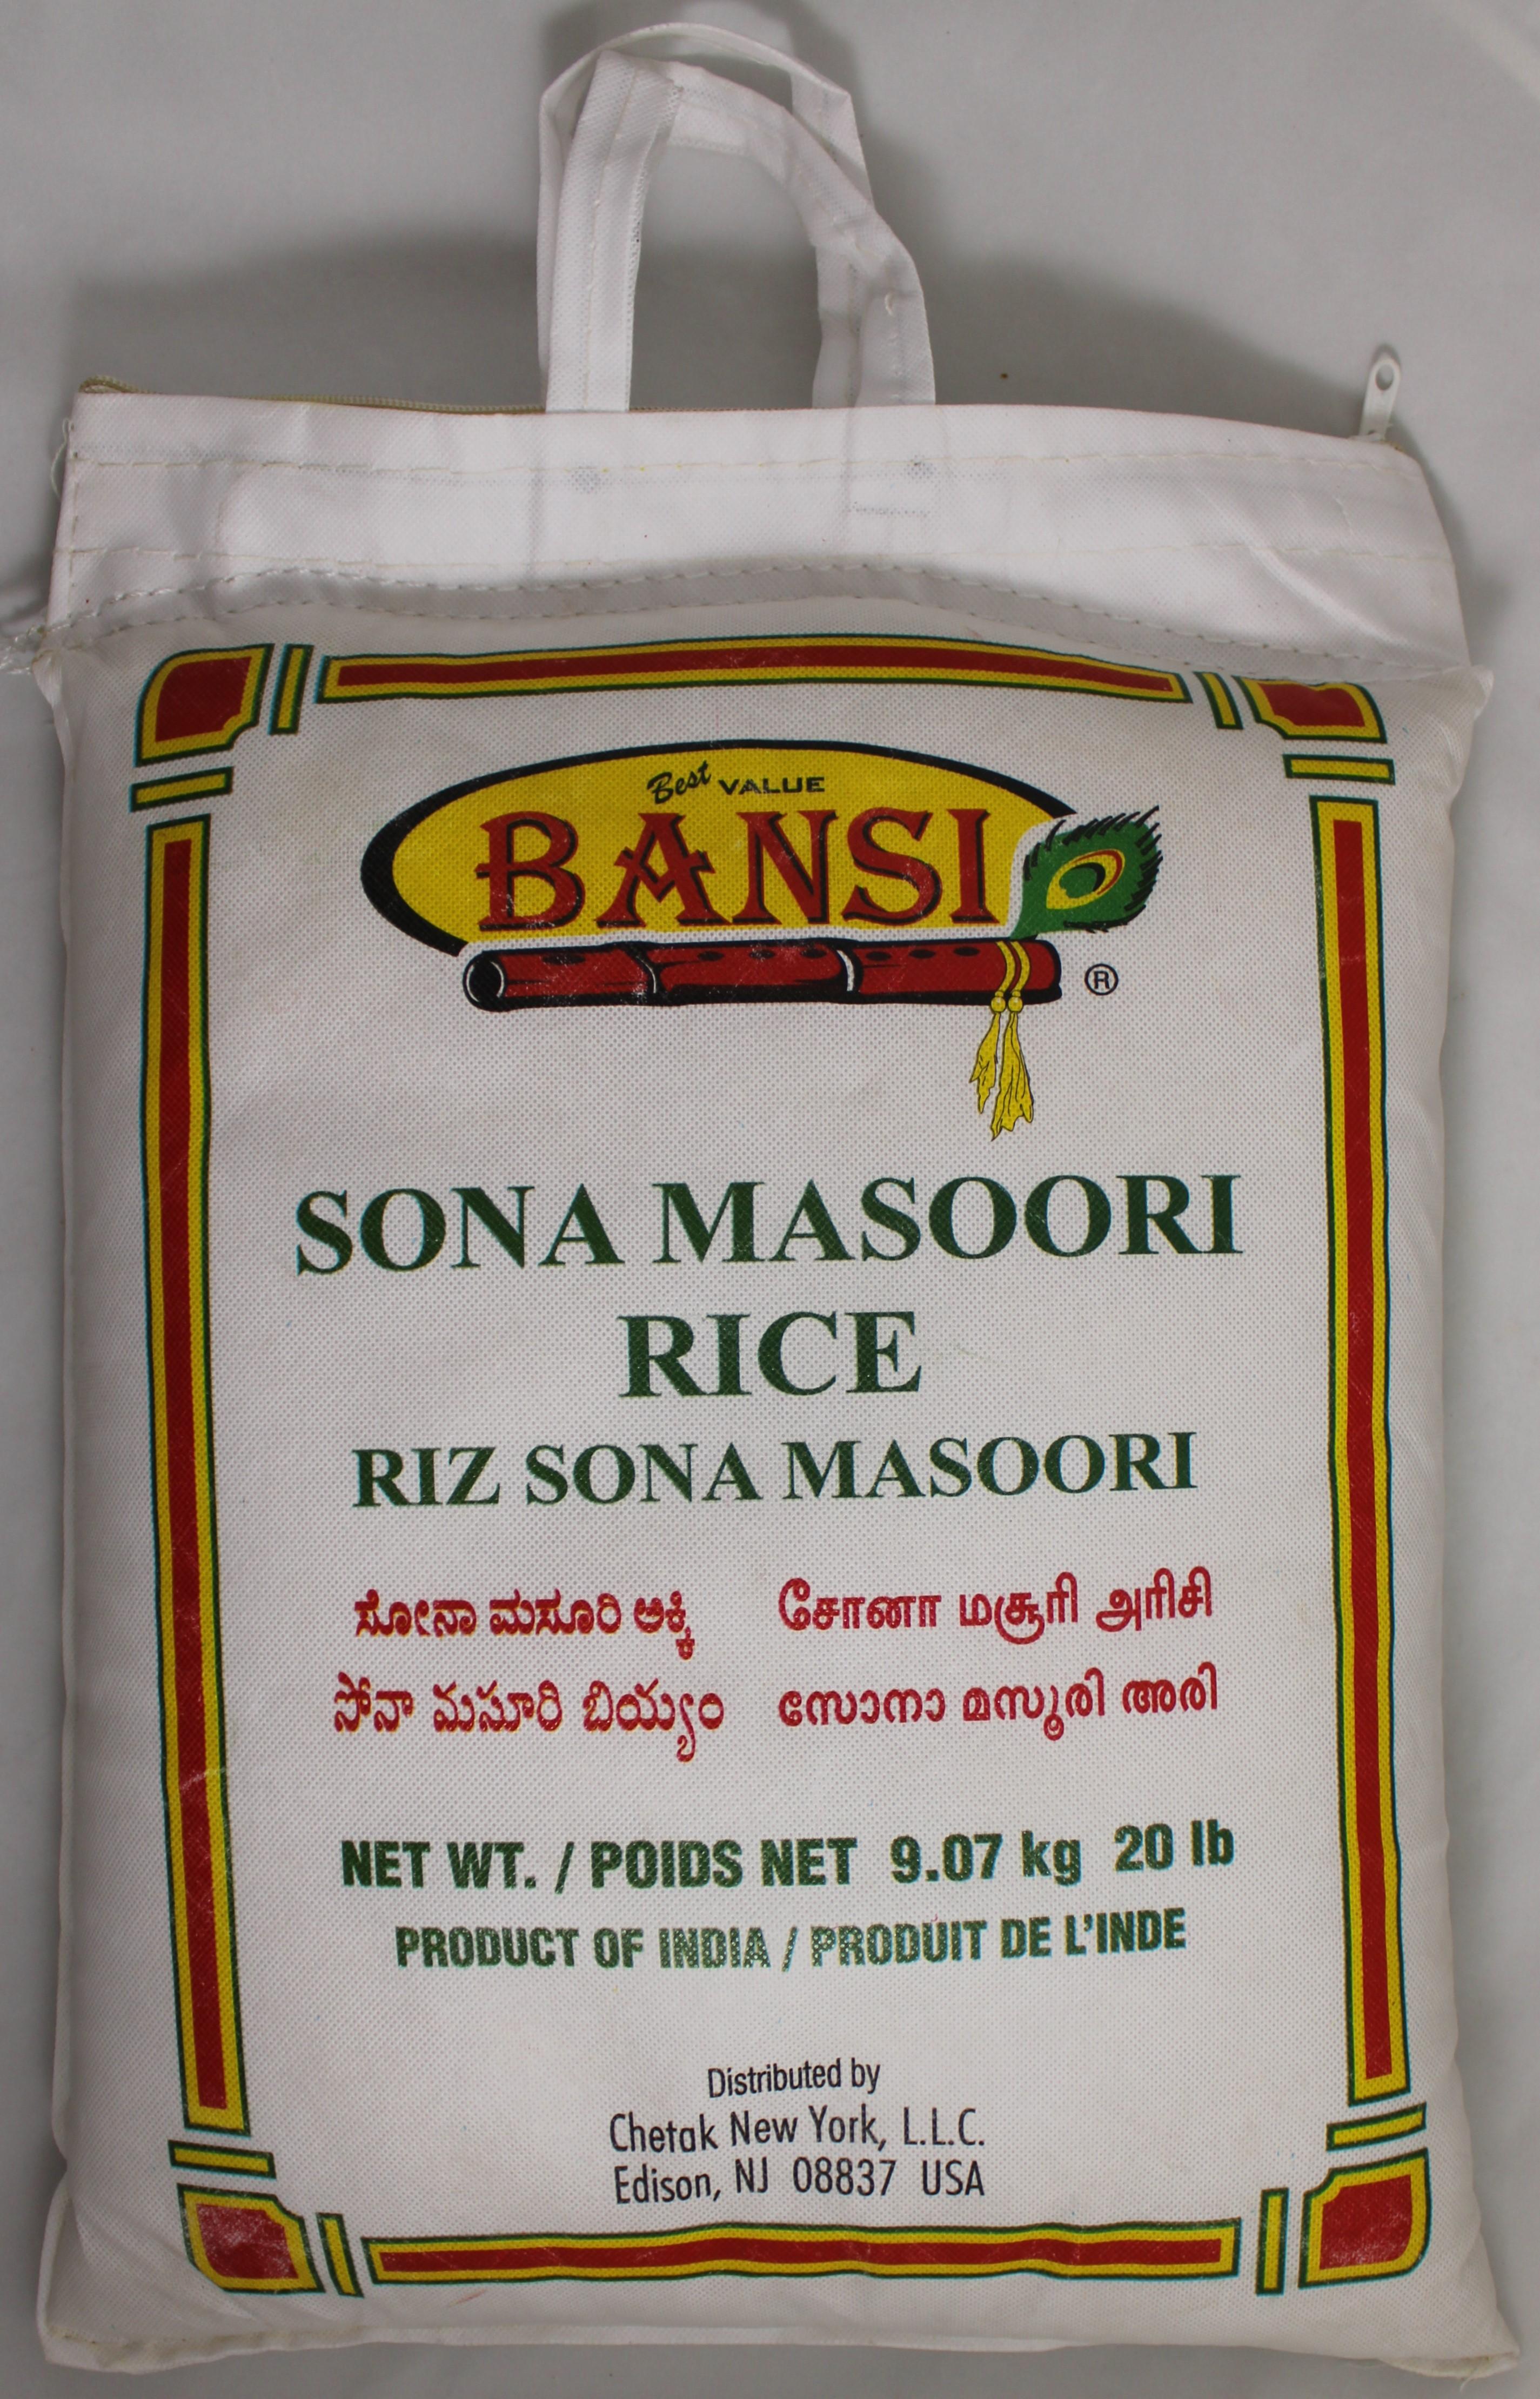 Sona Masoori 20lb